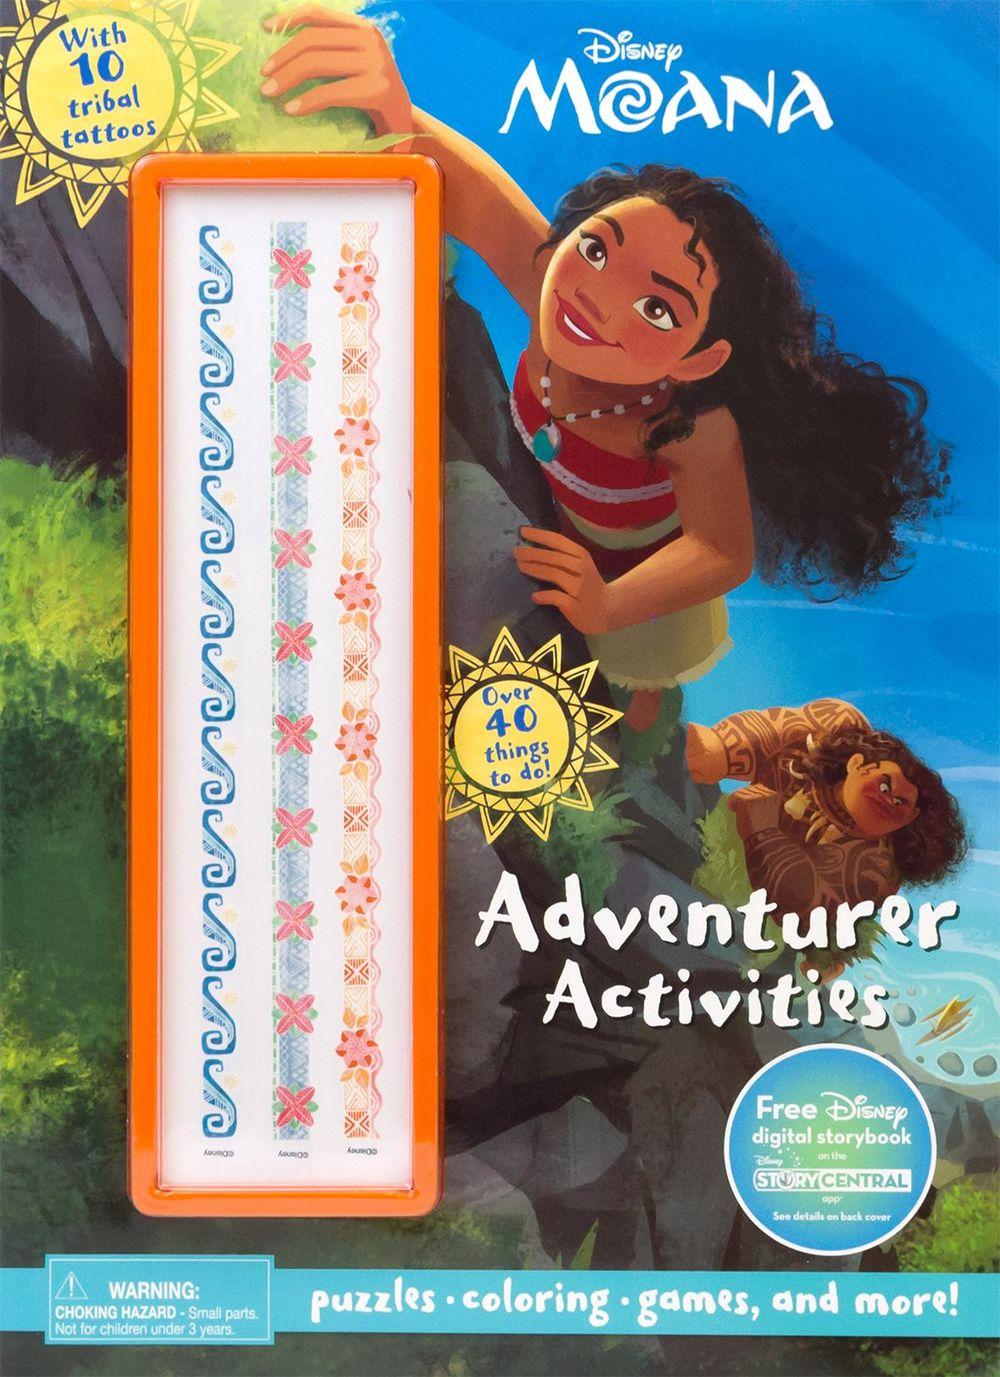 Adventurer Activities